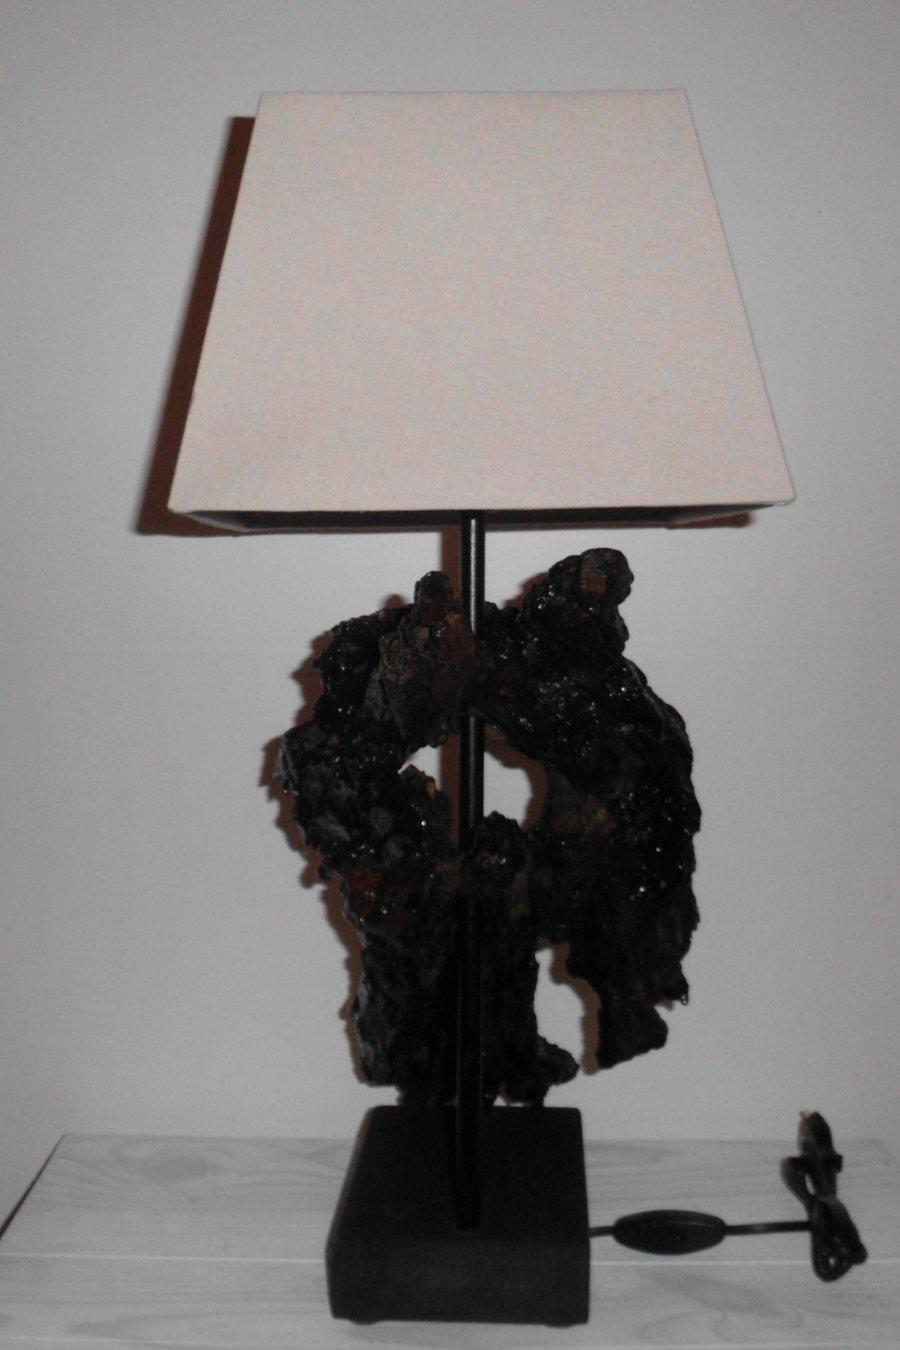 Lampe aus zersetzten Holz.